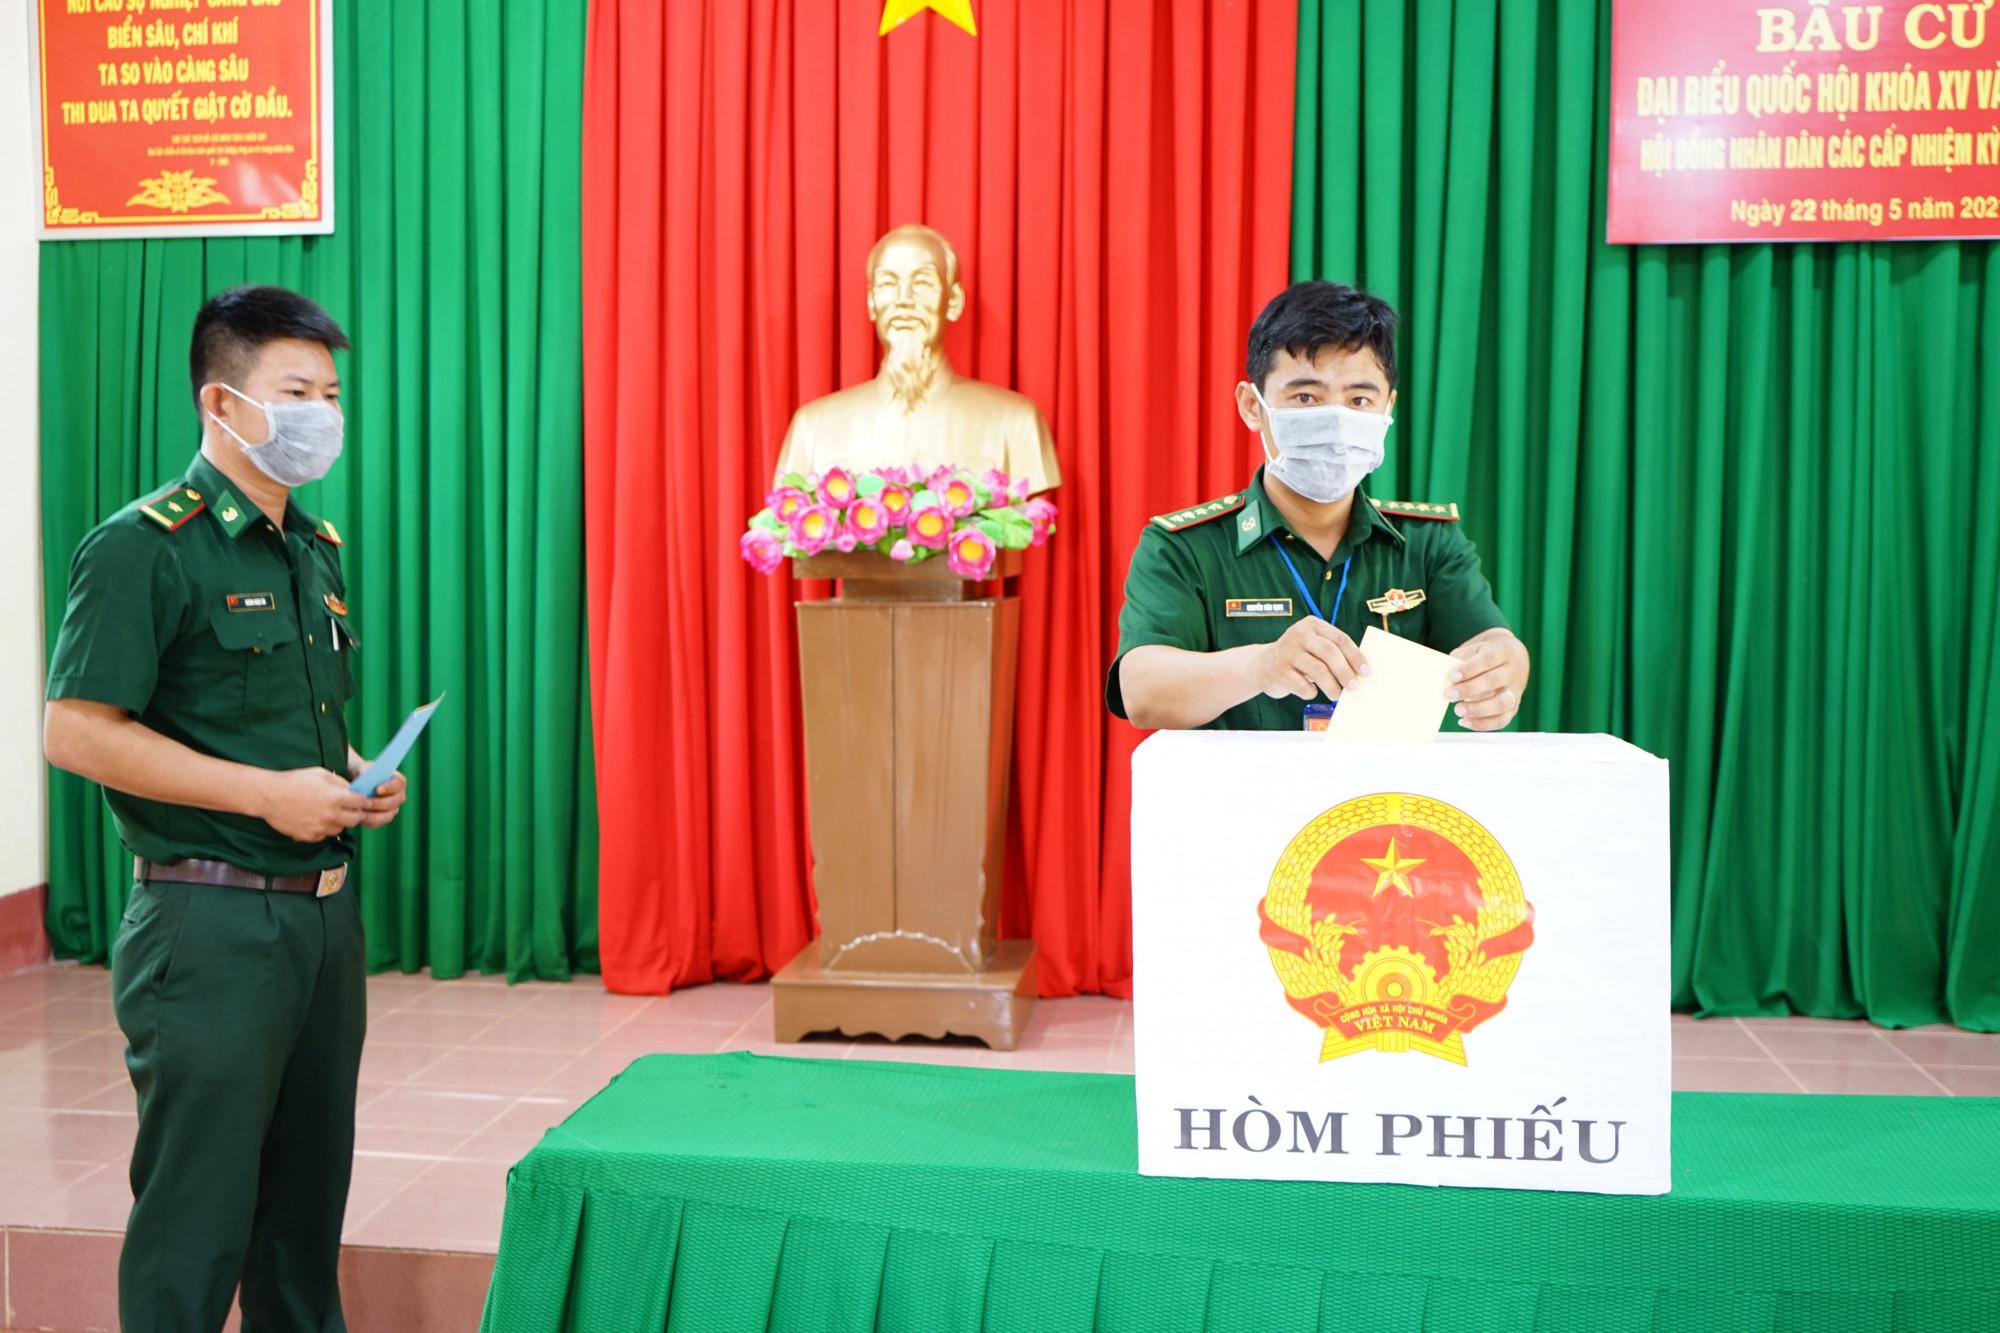 Các chiến sĩ Đồn biên phòng Cửa khẩu Đắk Ruê tham gia bầu cử